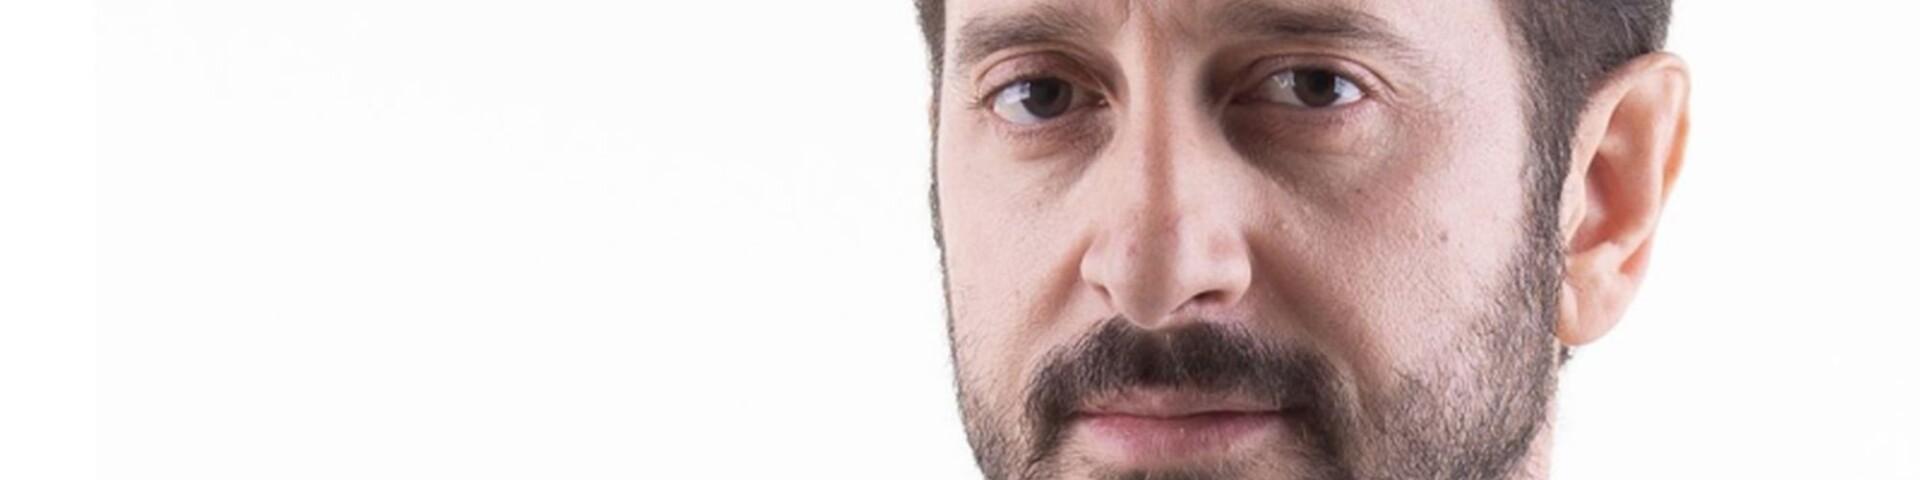 """Fernando Alba: """"L'odore dell'amore"""" è il nuovo singolo"""